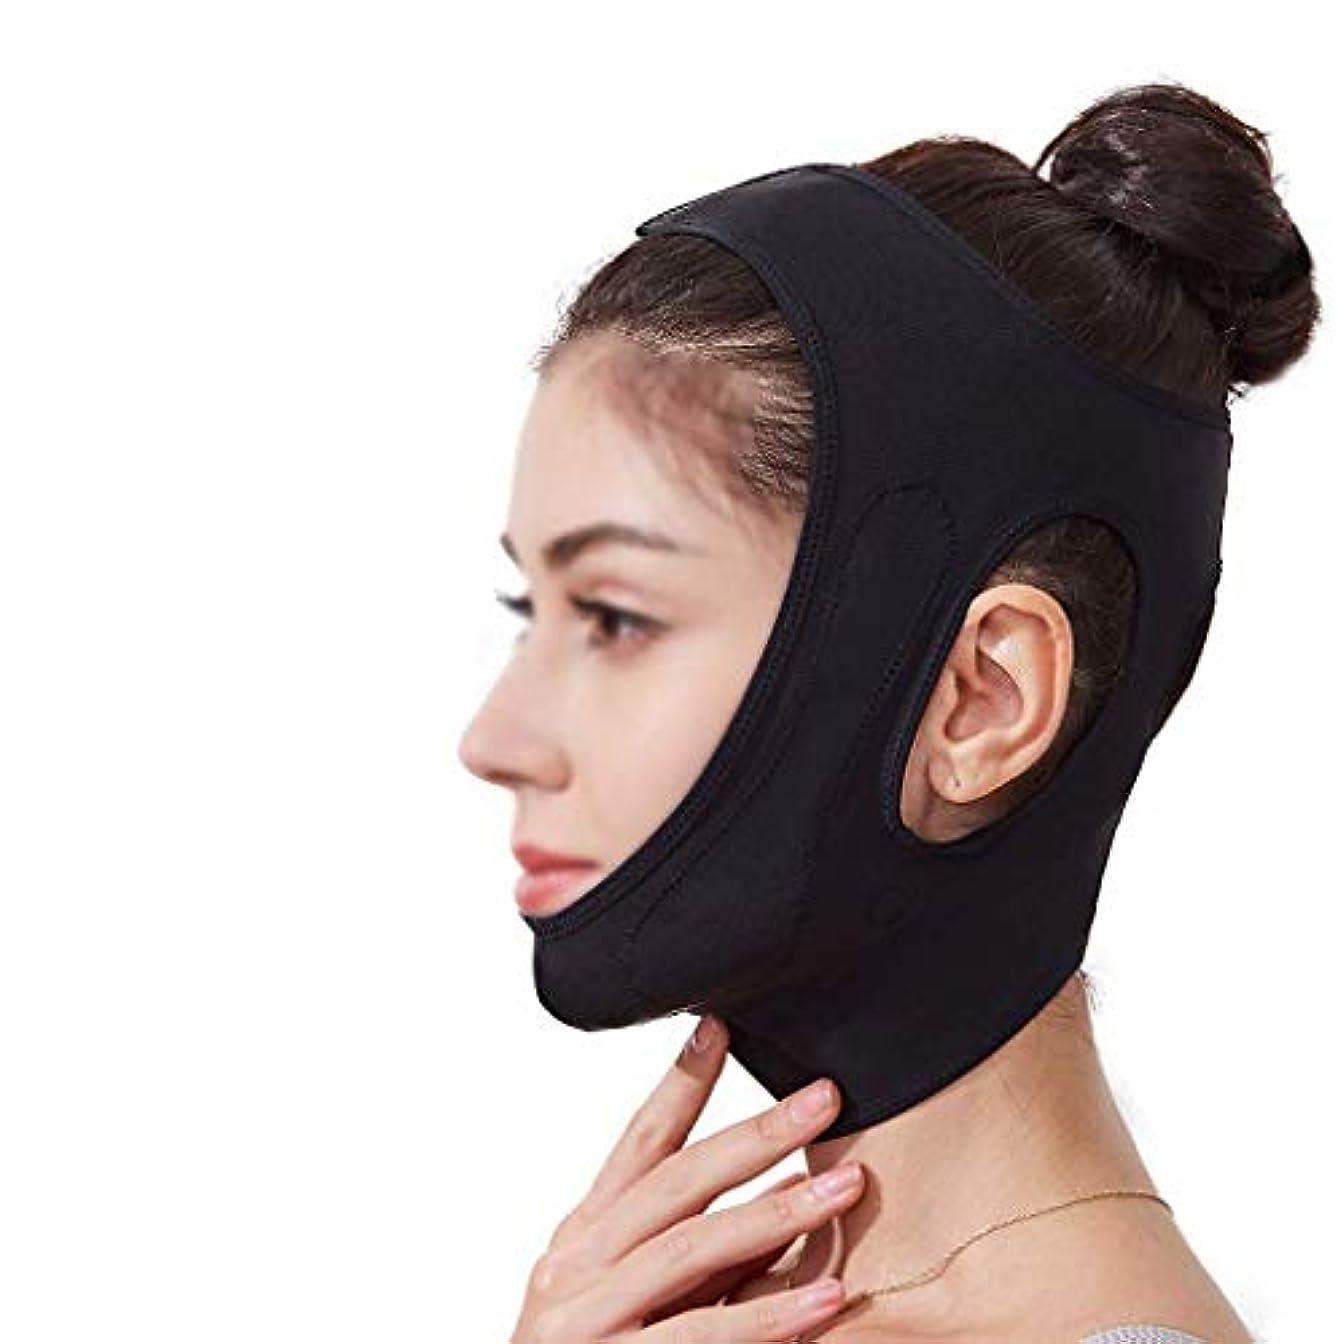 倍率扇動する単調なフェイスリフティングバンデージ、顔の頬V字型リフティングフェイスマスクしわの軽減ダブルチン快適な包帯で小さなVフェイスを作成(色:黒)